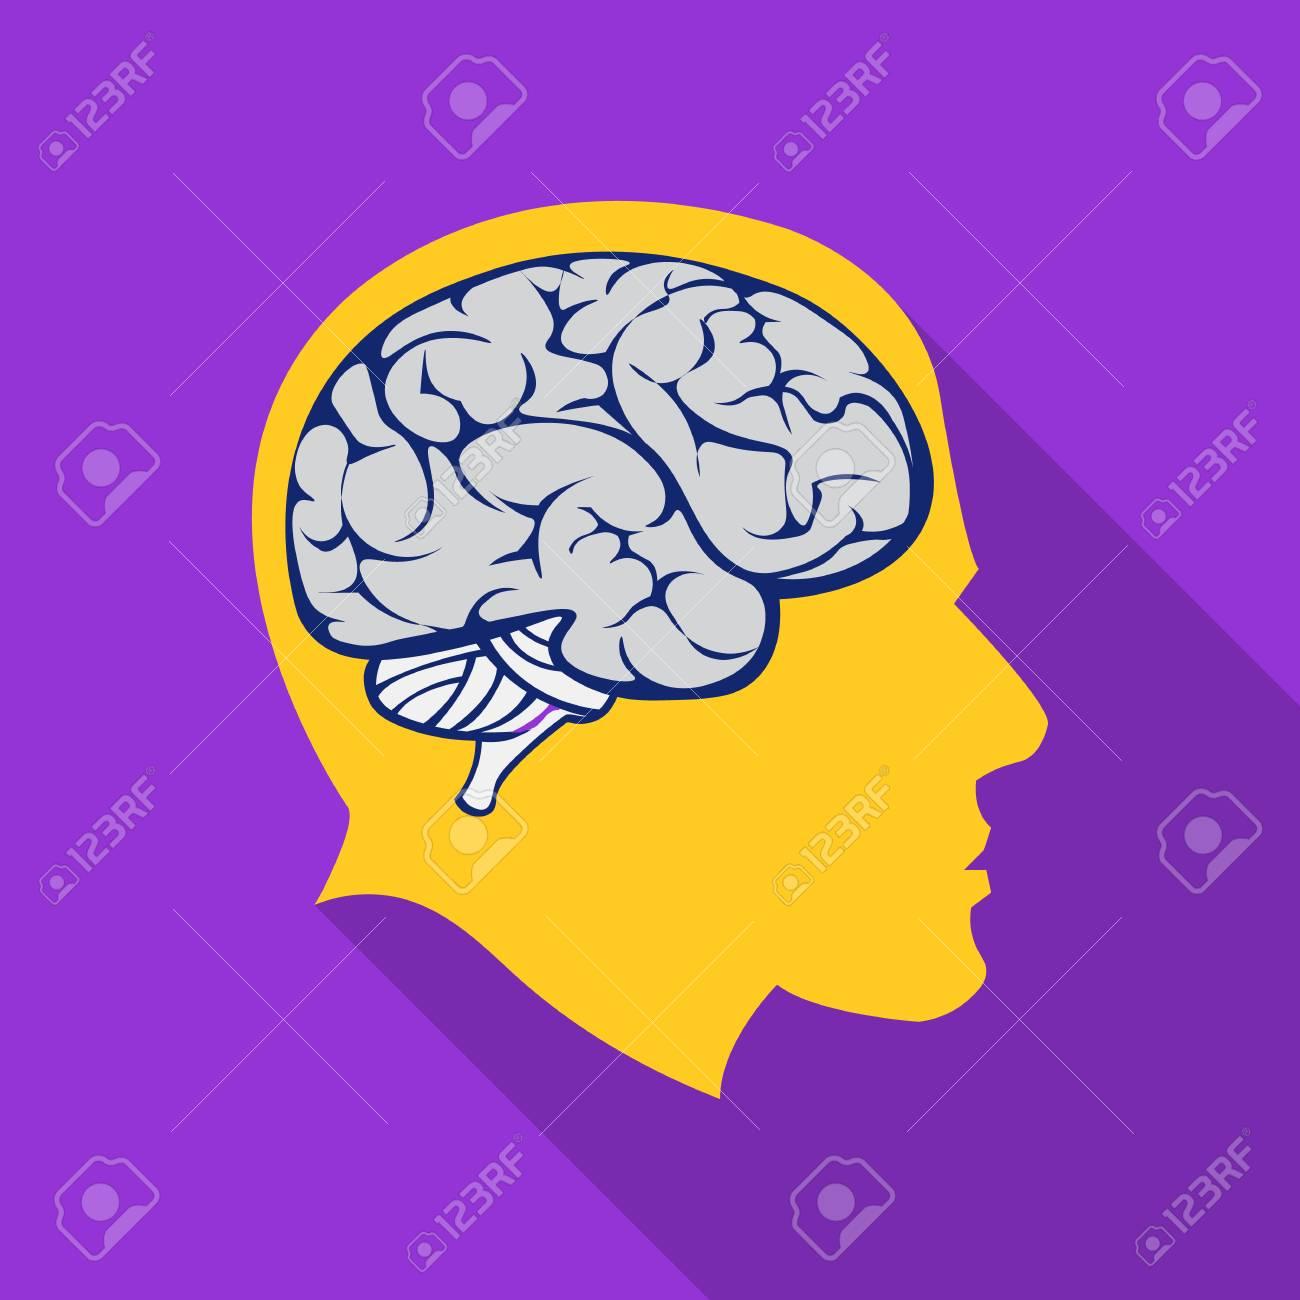 Icono Del Cerebro Plano. Icono De Educación Individual De La Gran ...